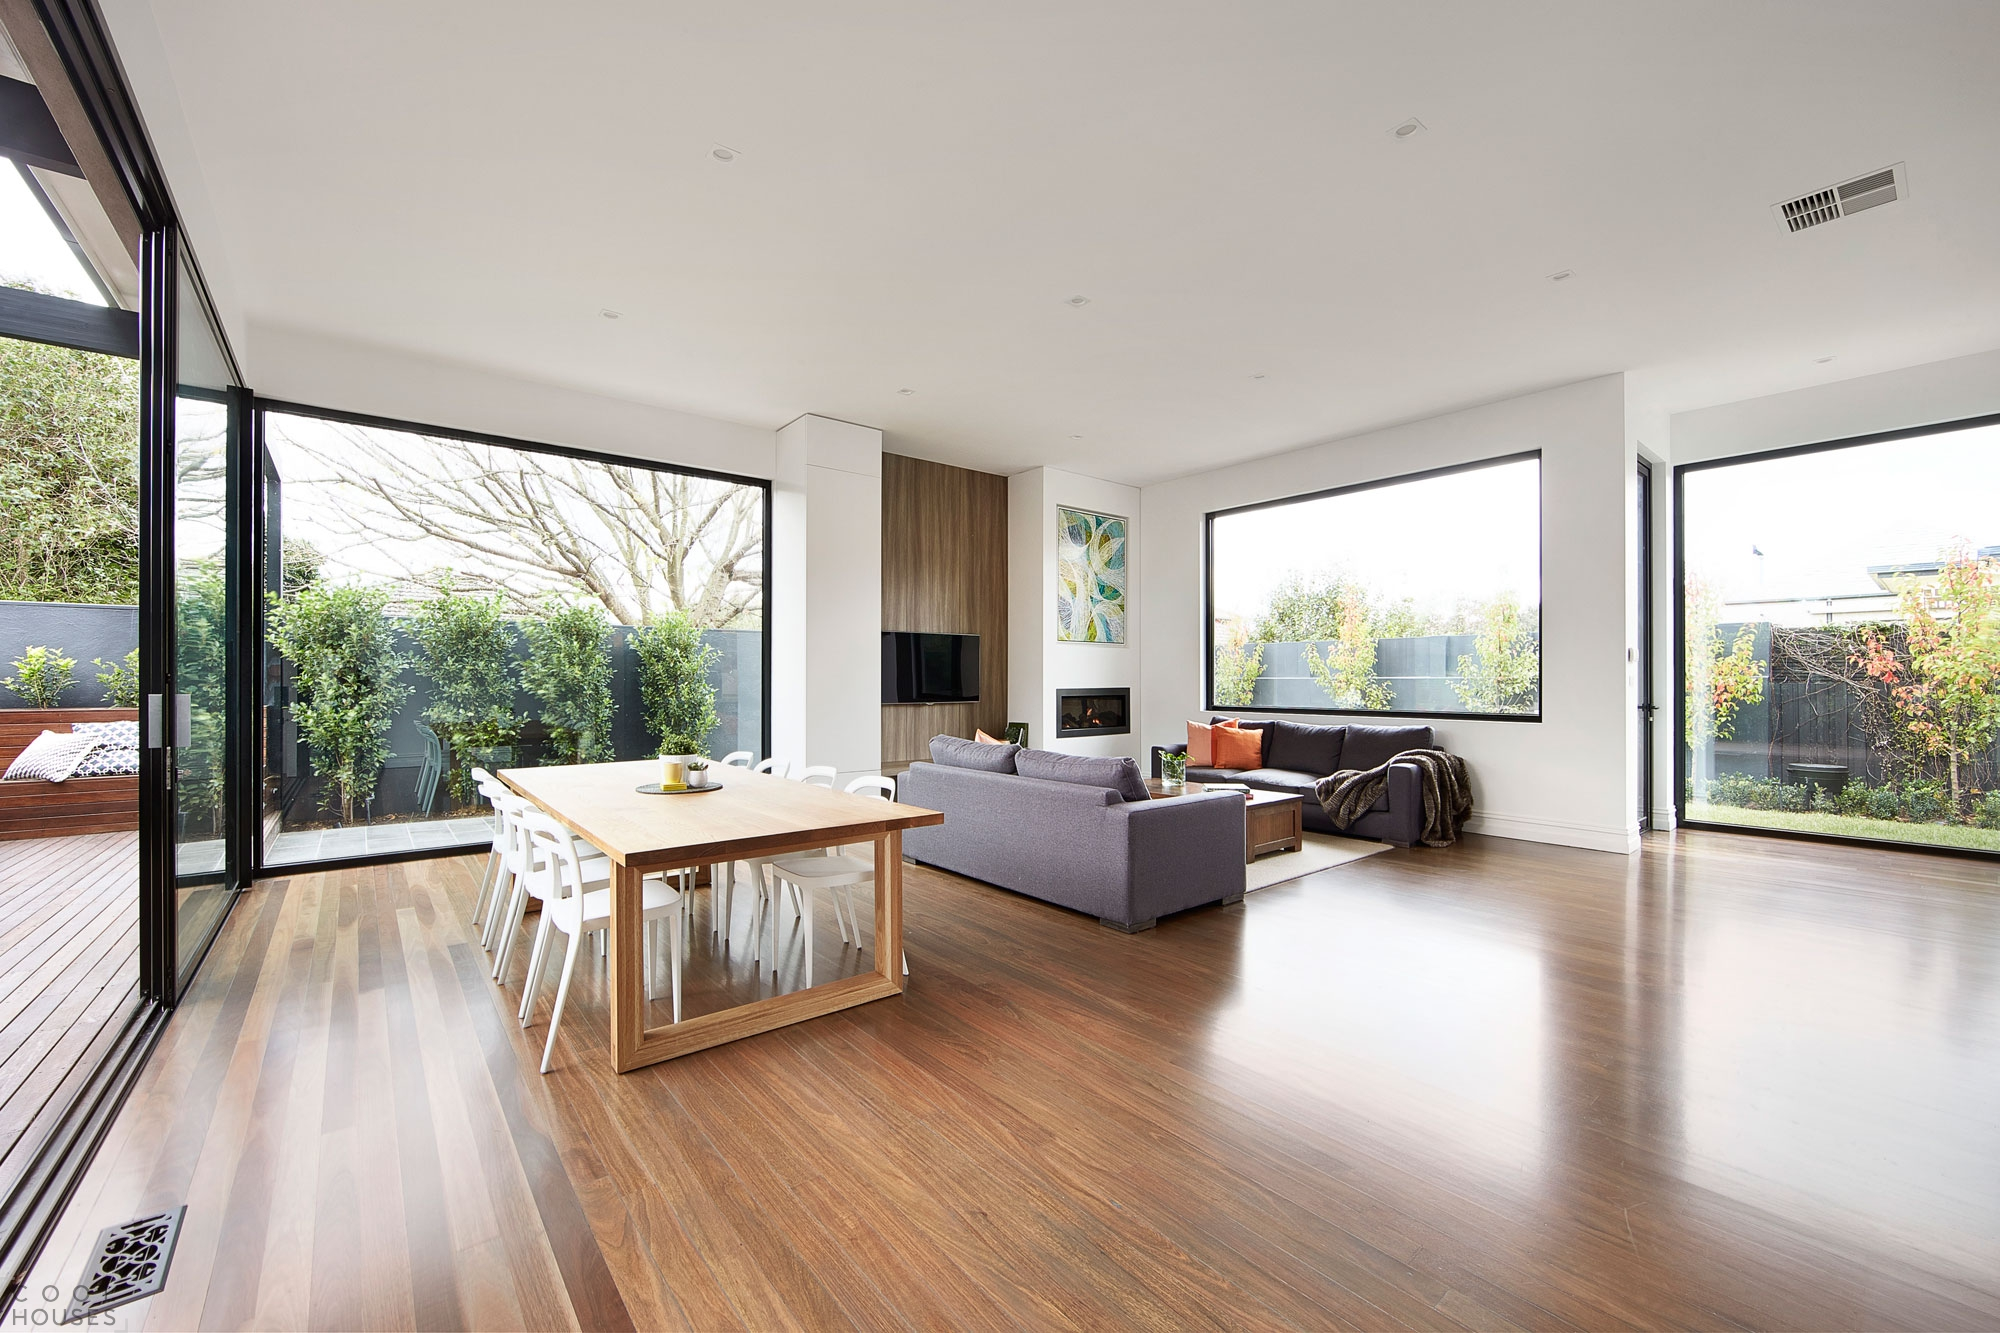 Классический дизайн интерьера в частном доме от студии LSA Architects